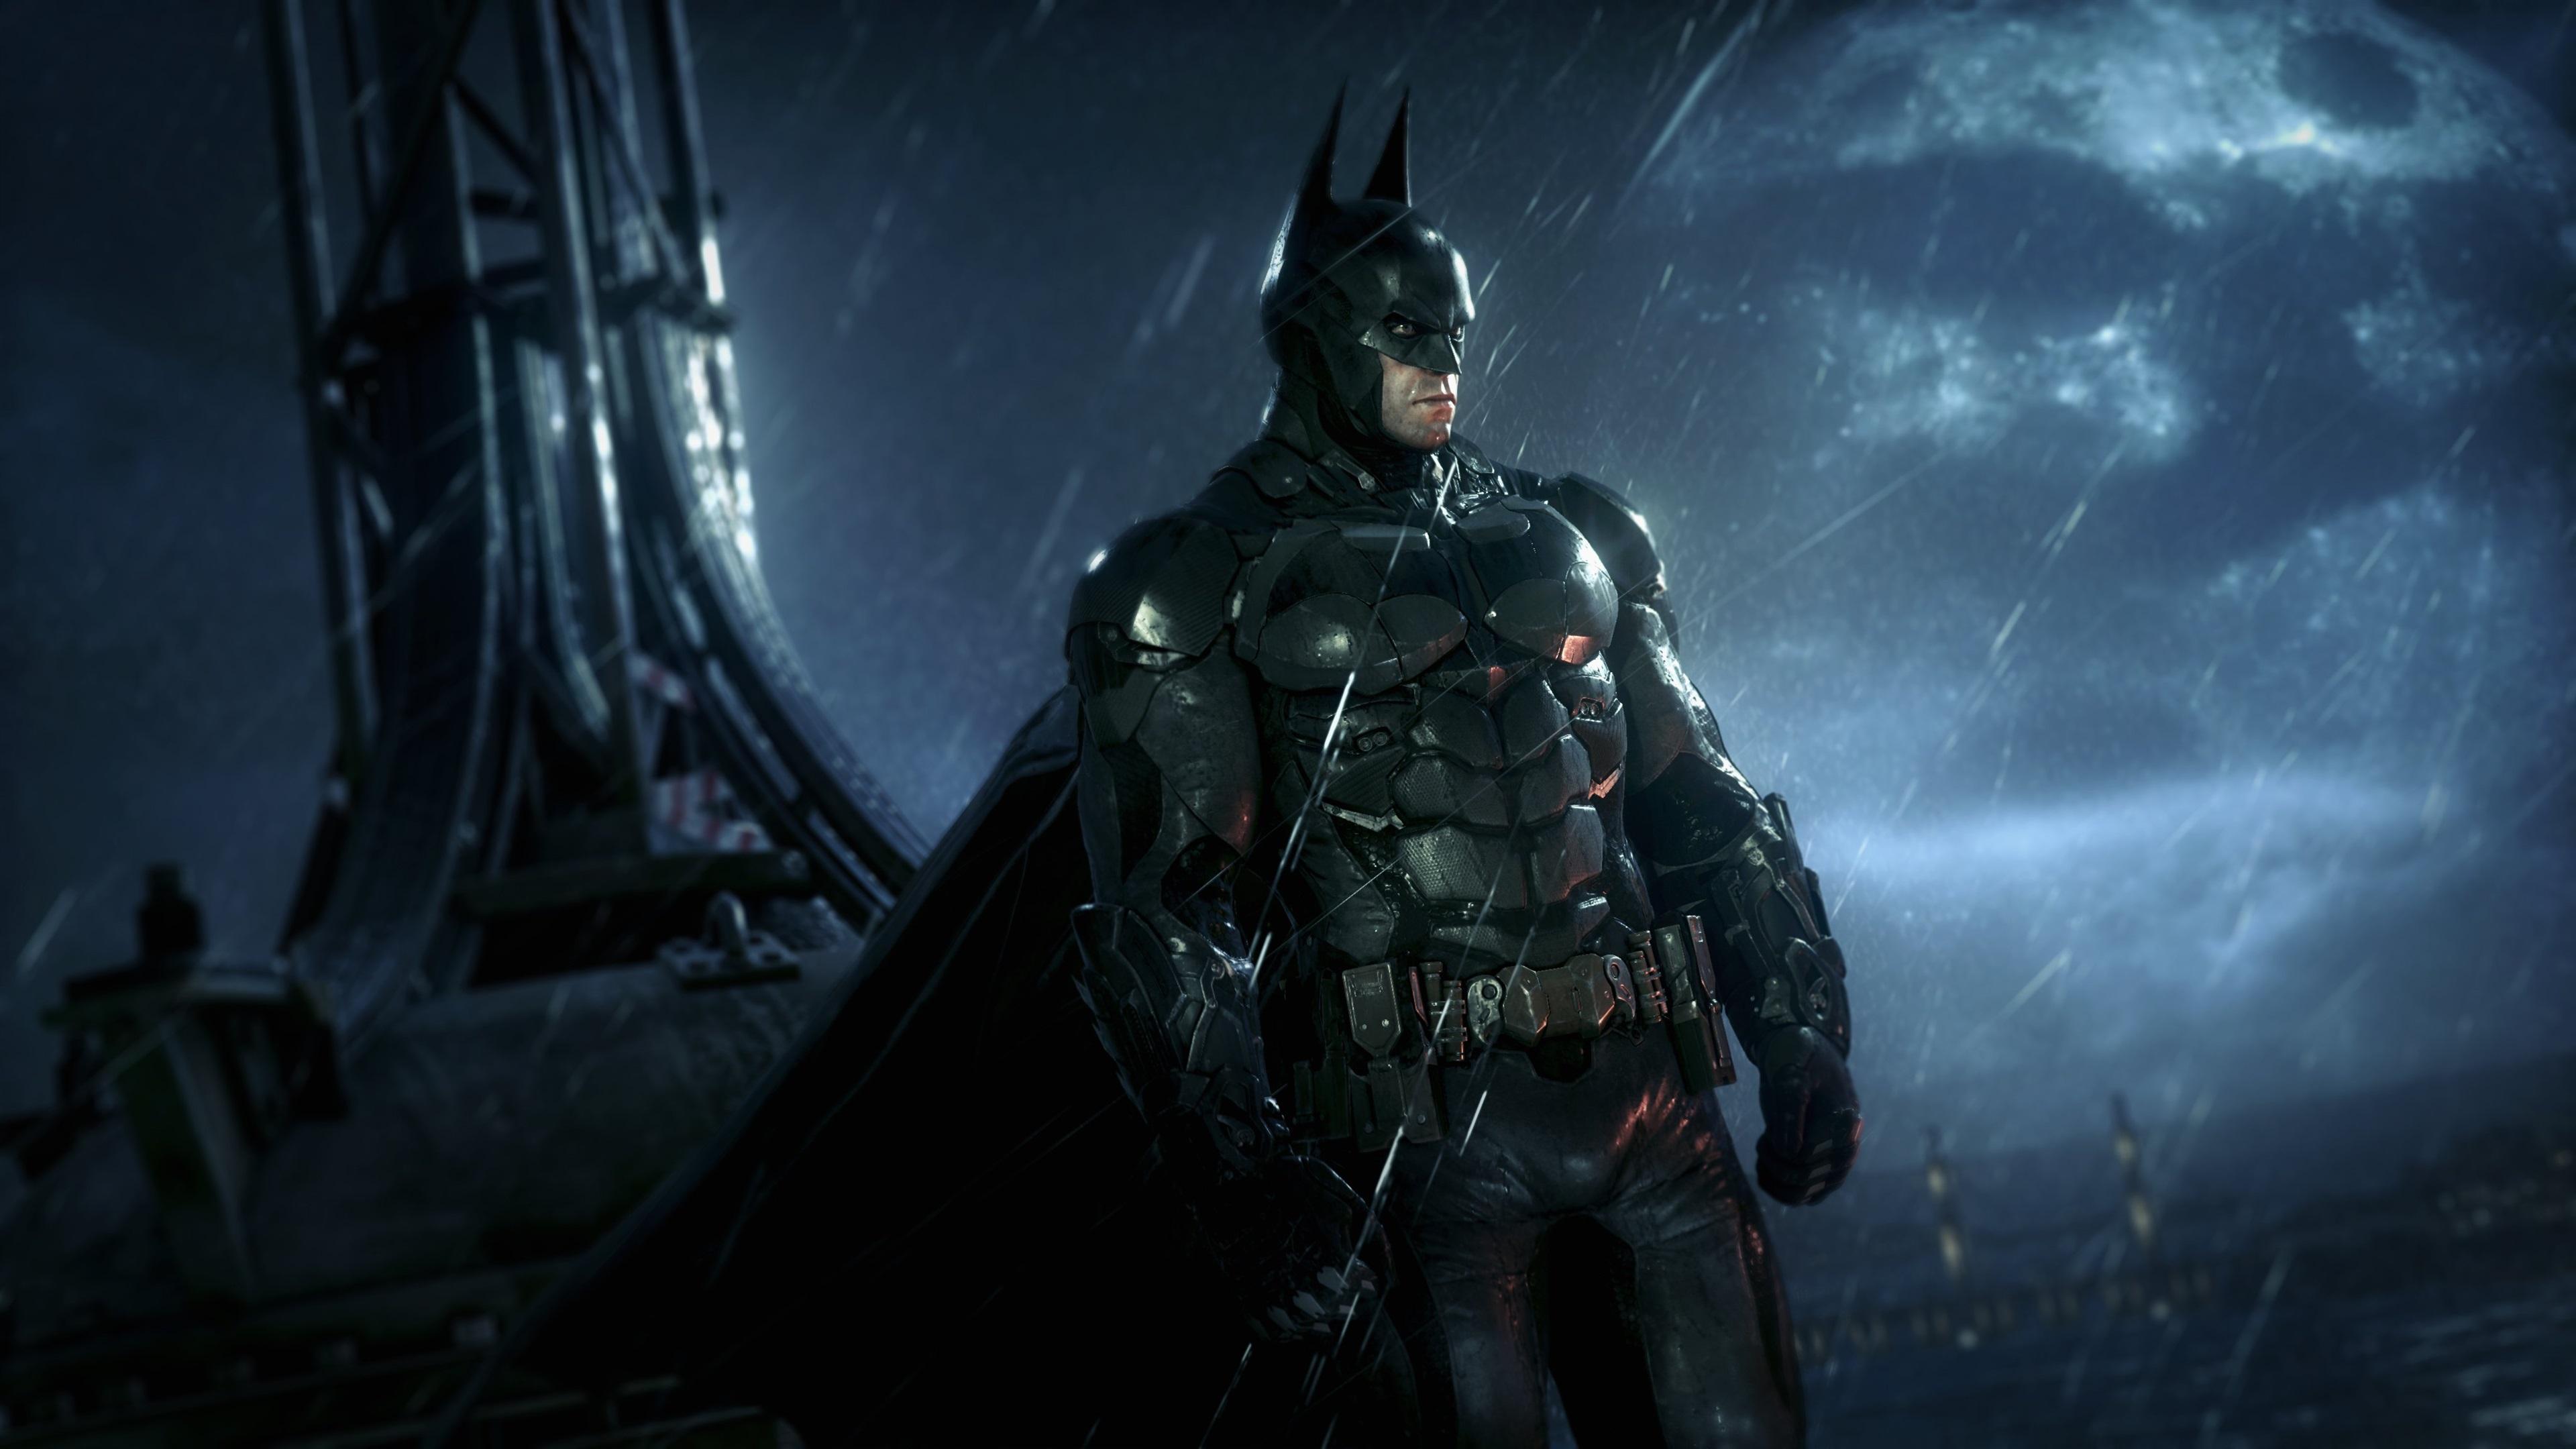 Fonds D Ecran Batman Arkham Knight Jeux Ps4 Nuit